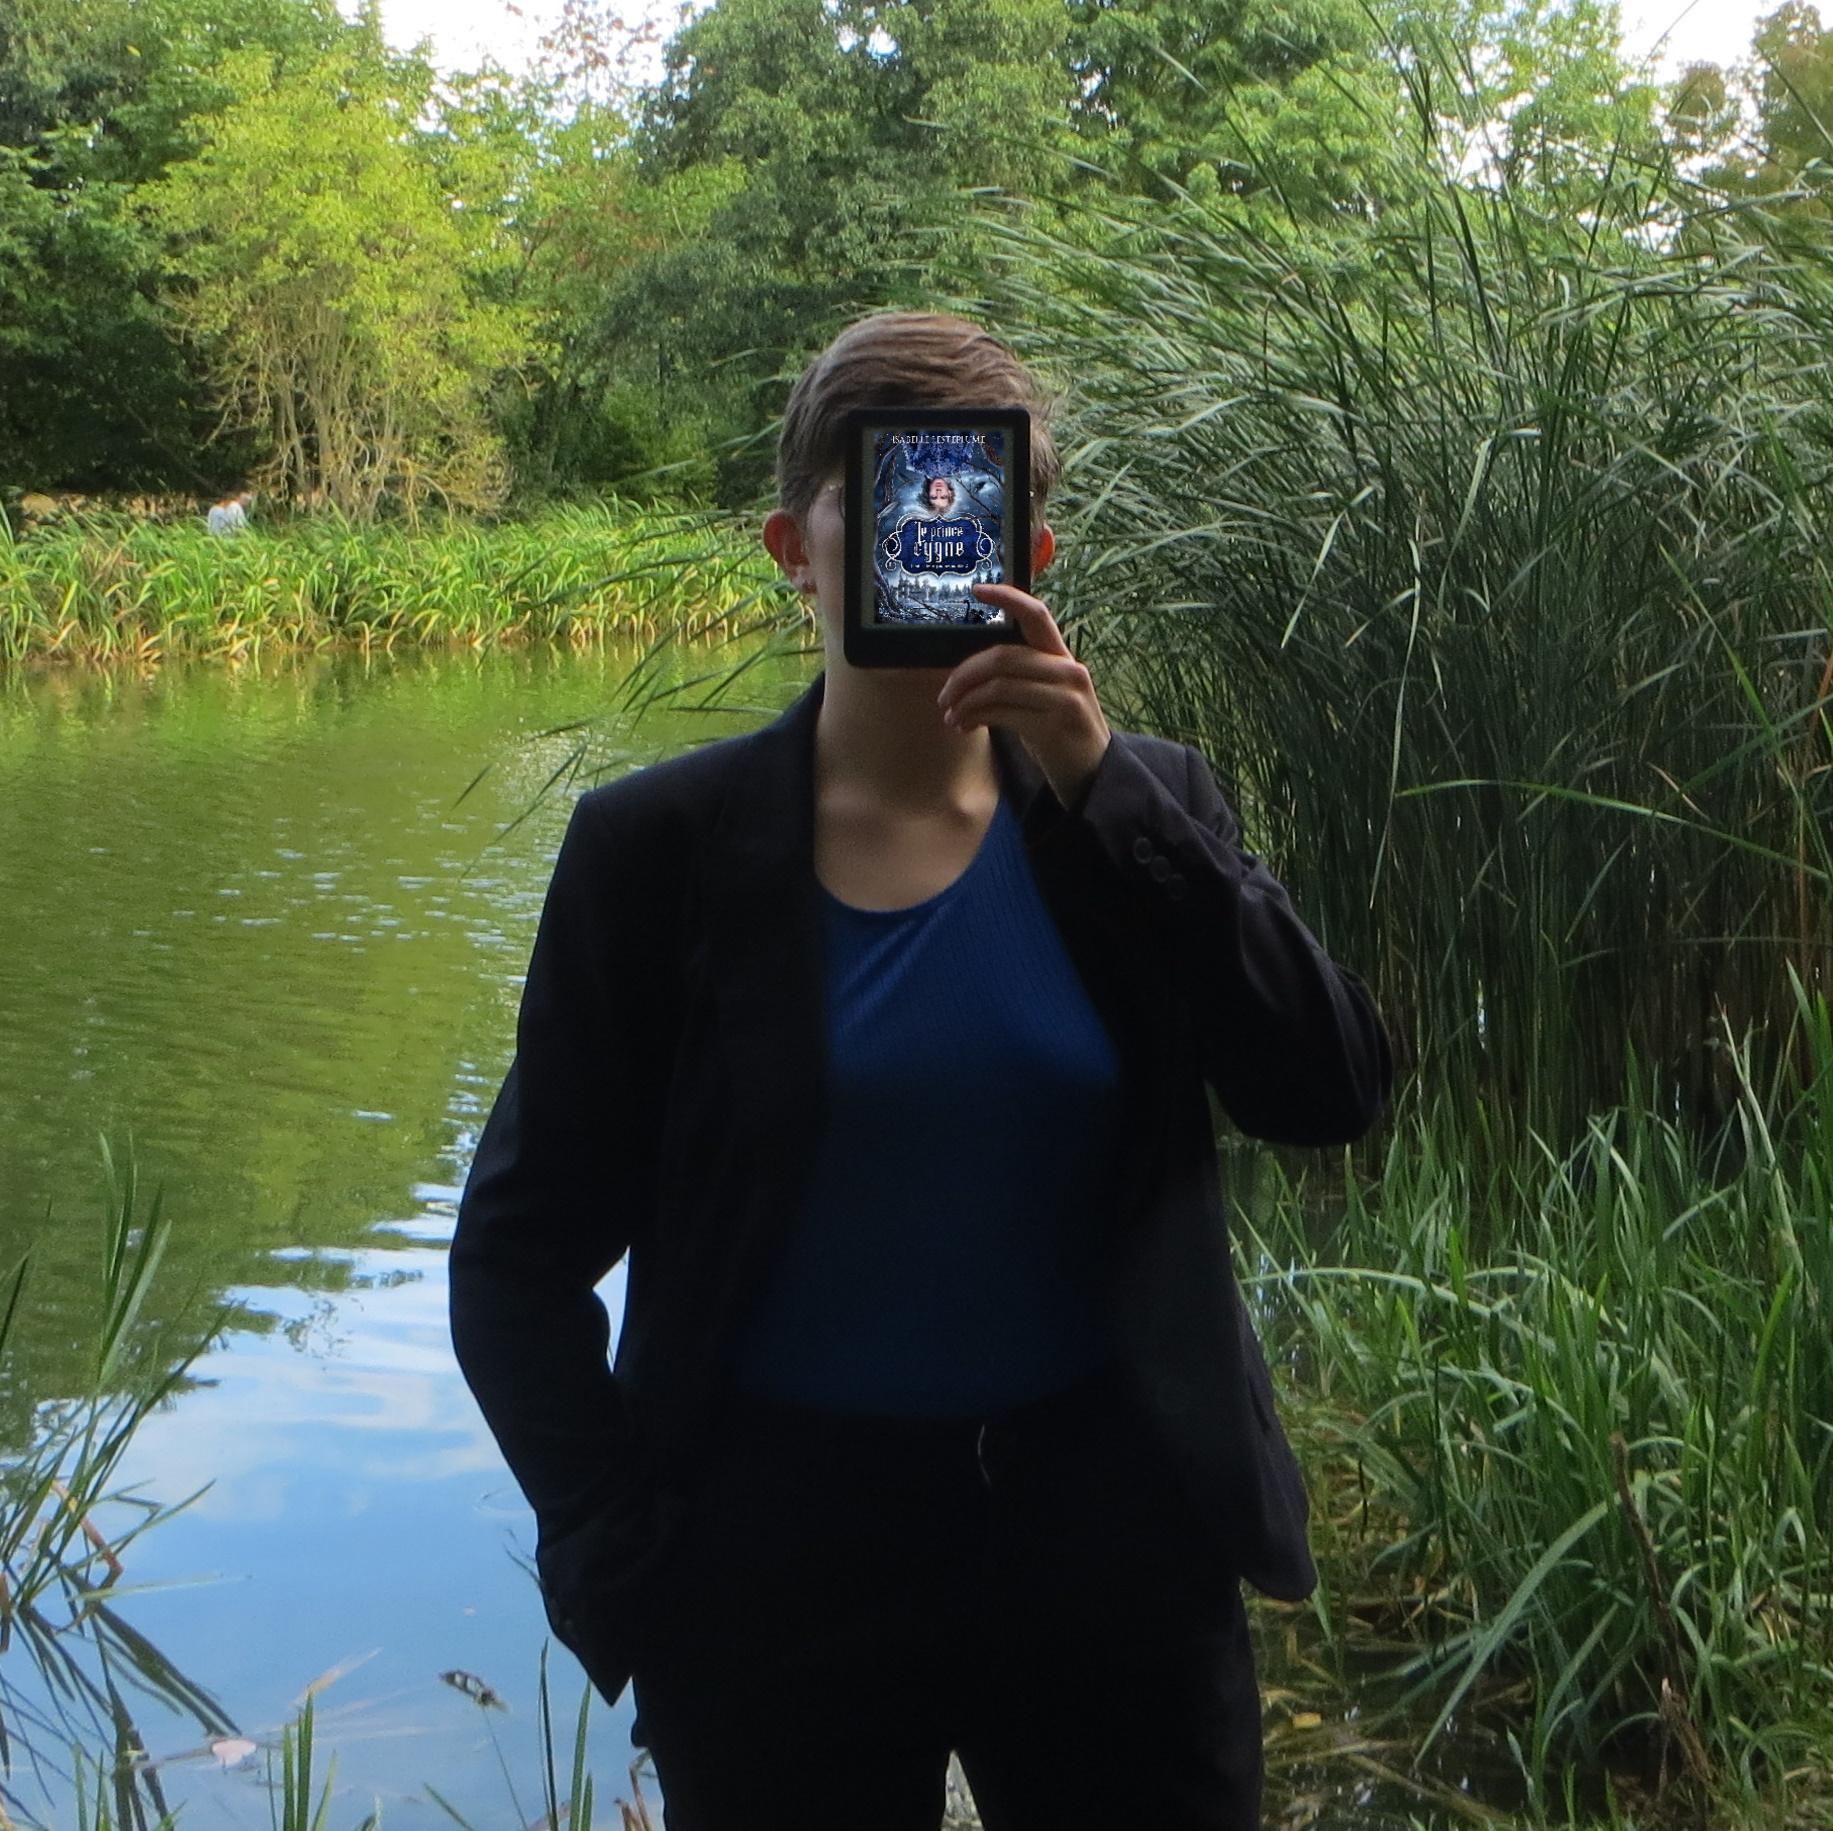 personne en débardeur bleu et veste noire lisant Le prince cygne d'Isabelle Lesteplume devant un lac